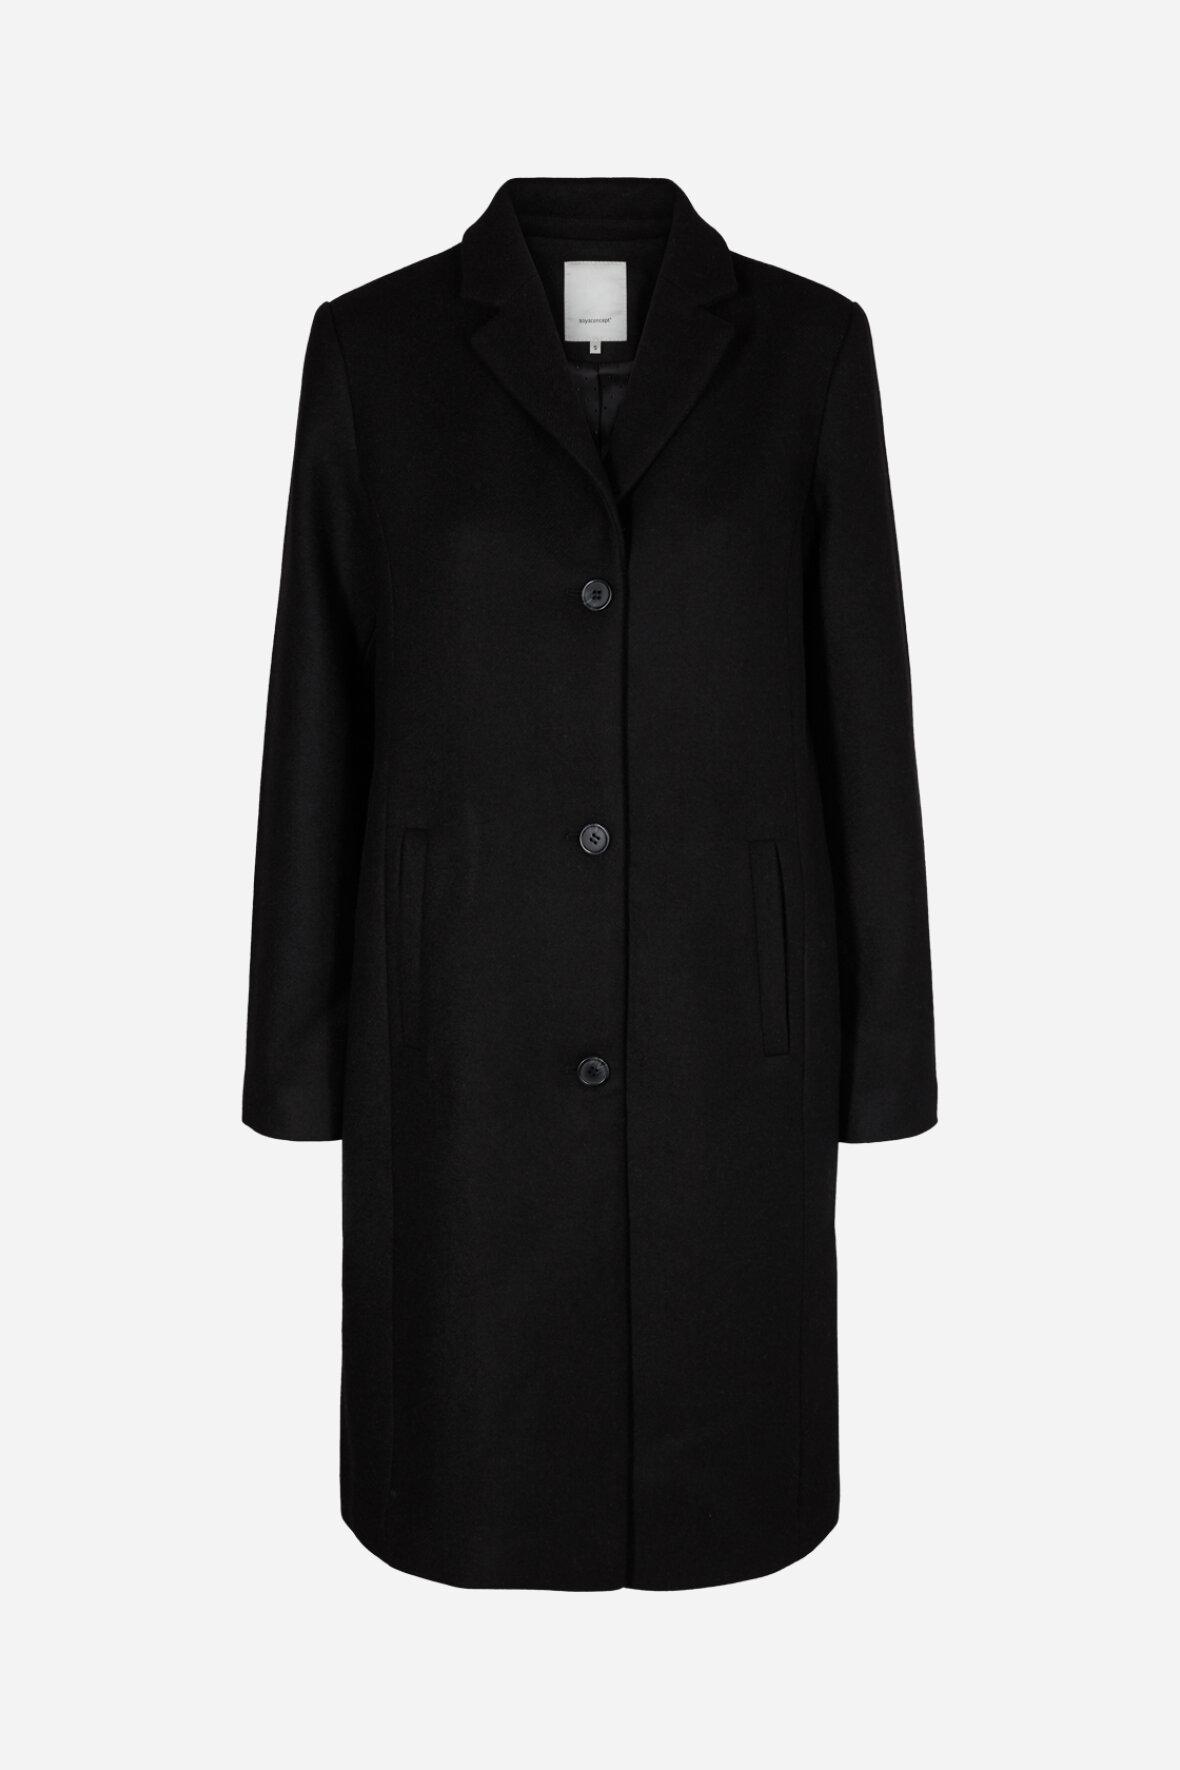 SoyaConcept Asta uld jakke klassisk langt snit i sort til